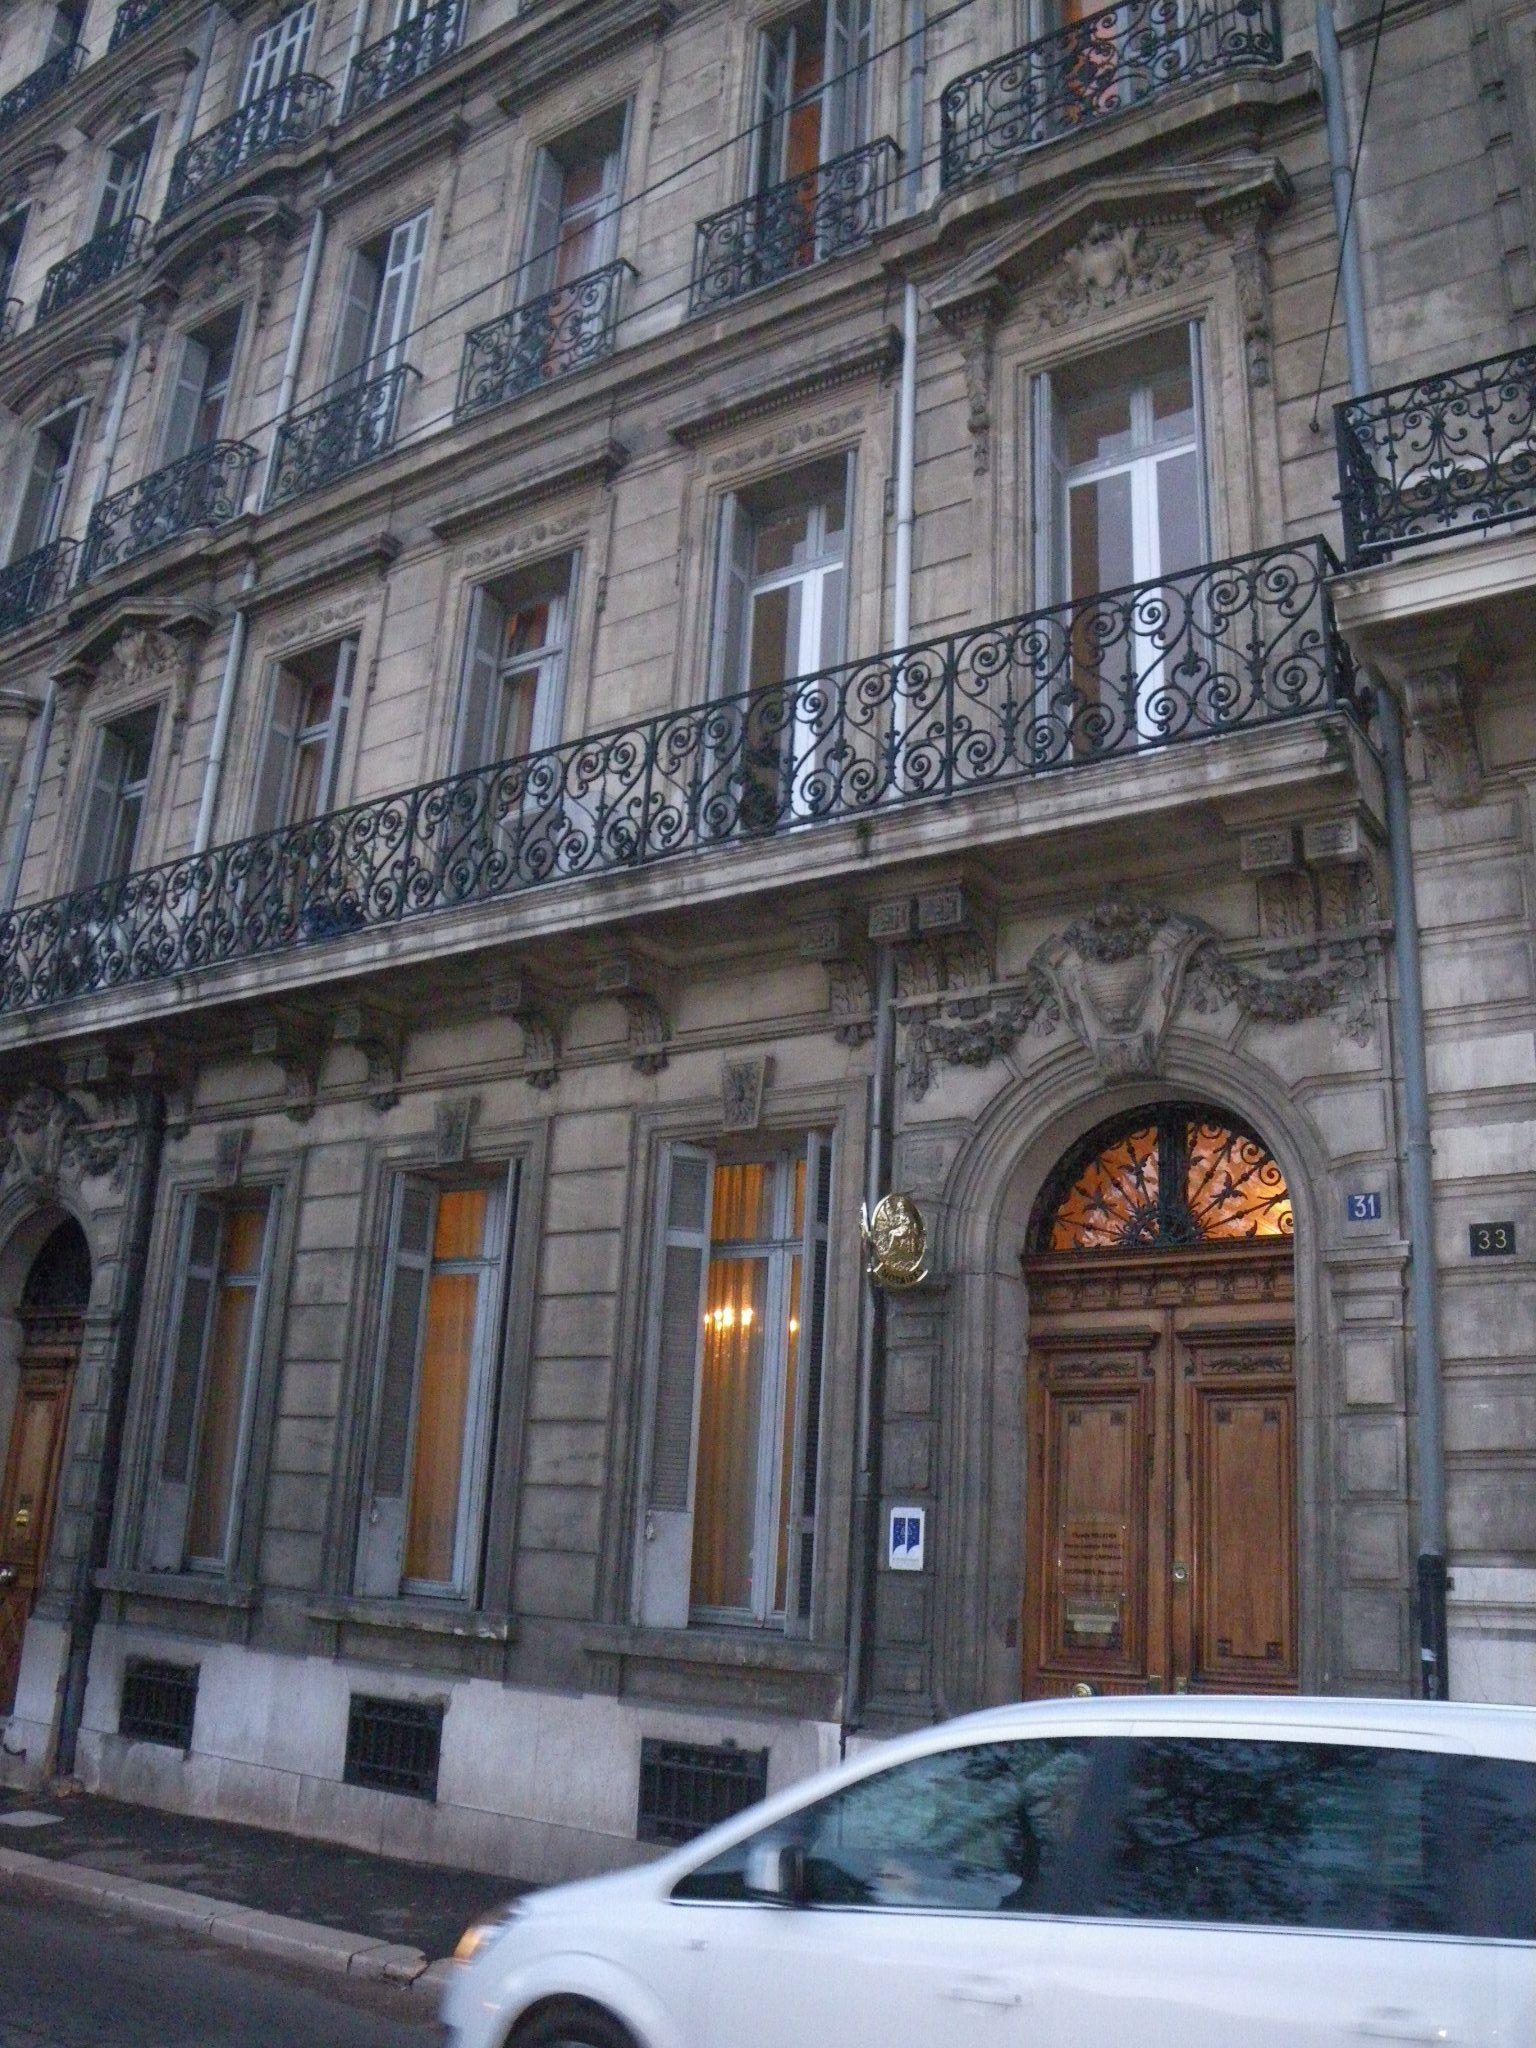 Les Hôtels particuliers des XVIIIe et XIXe siècles